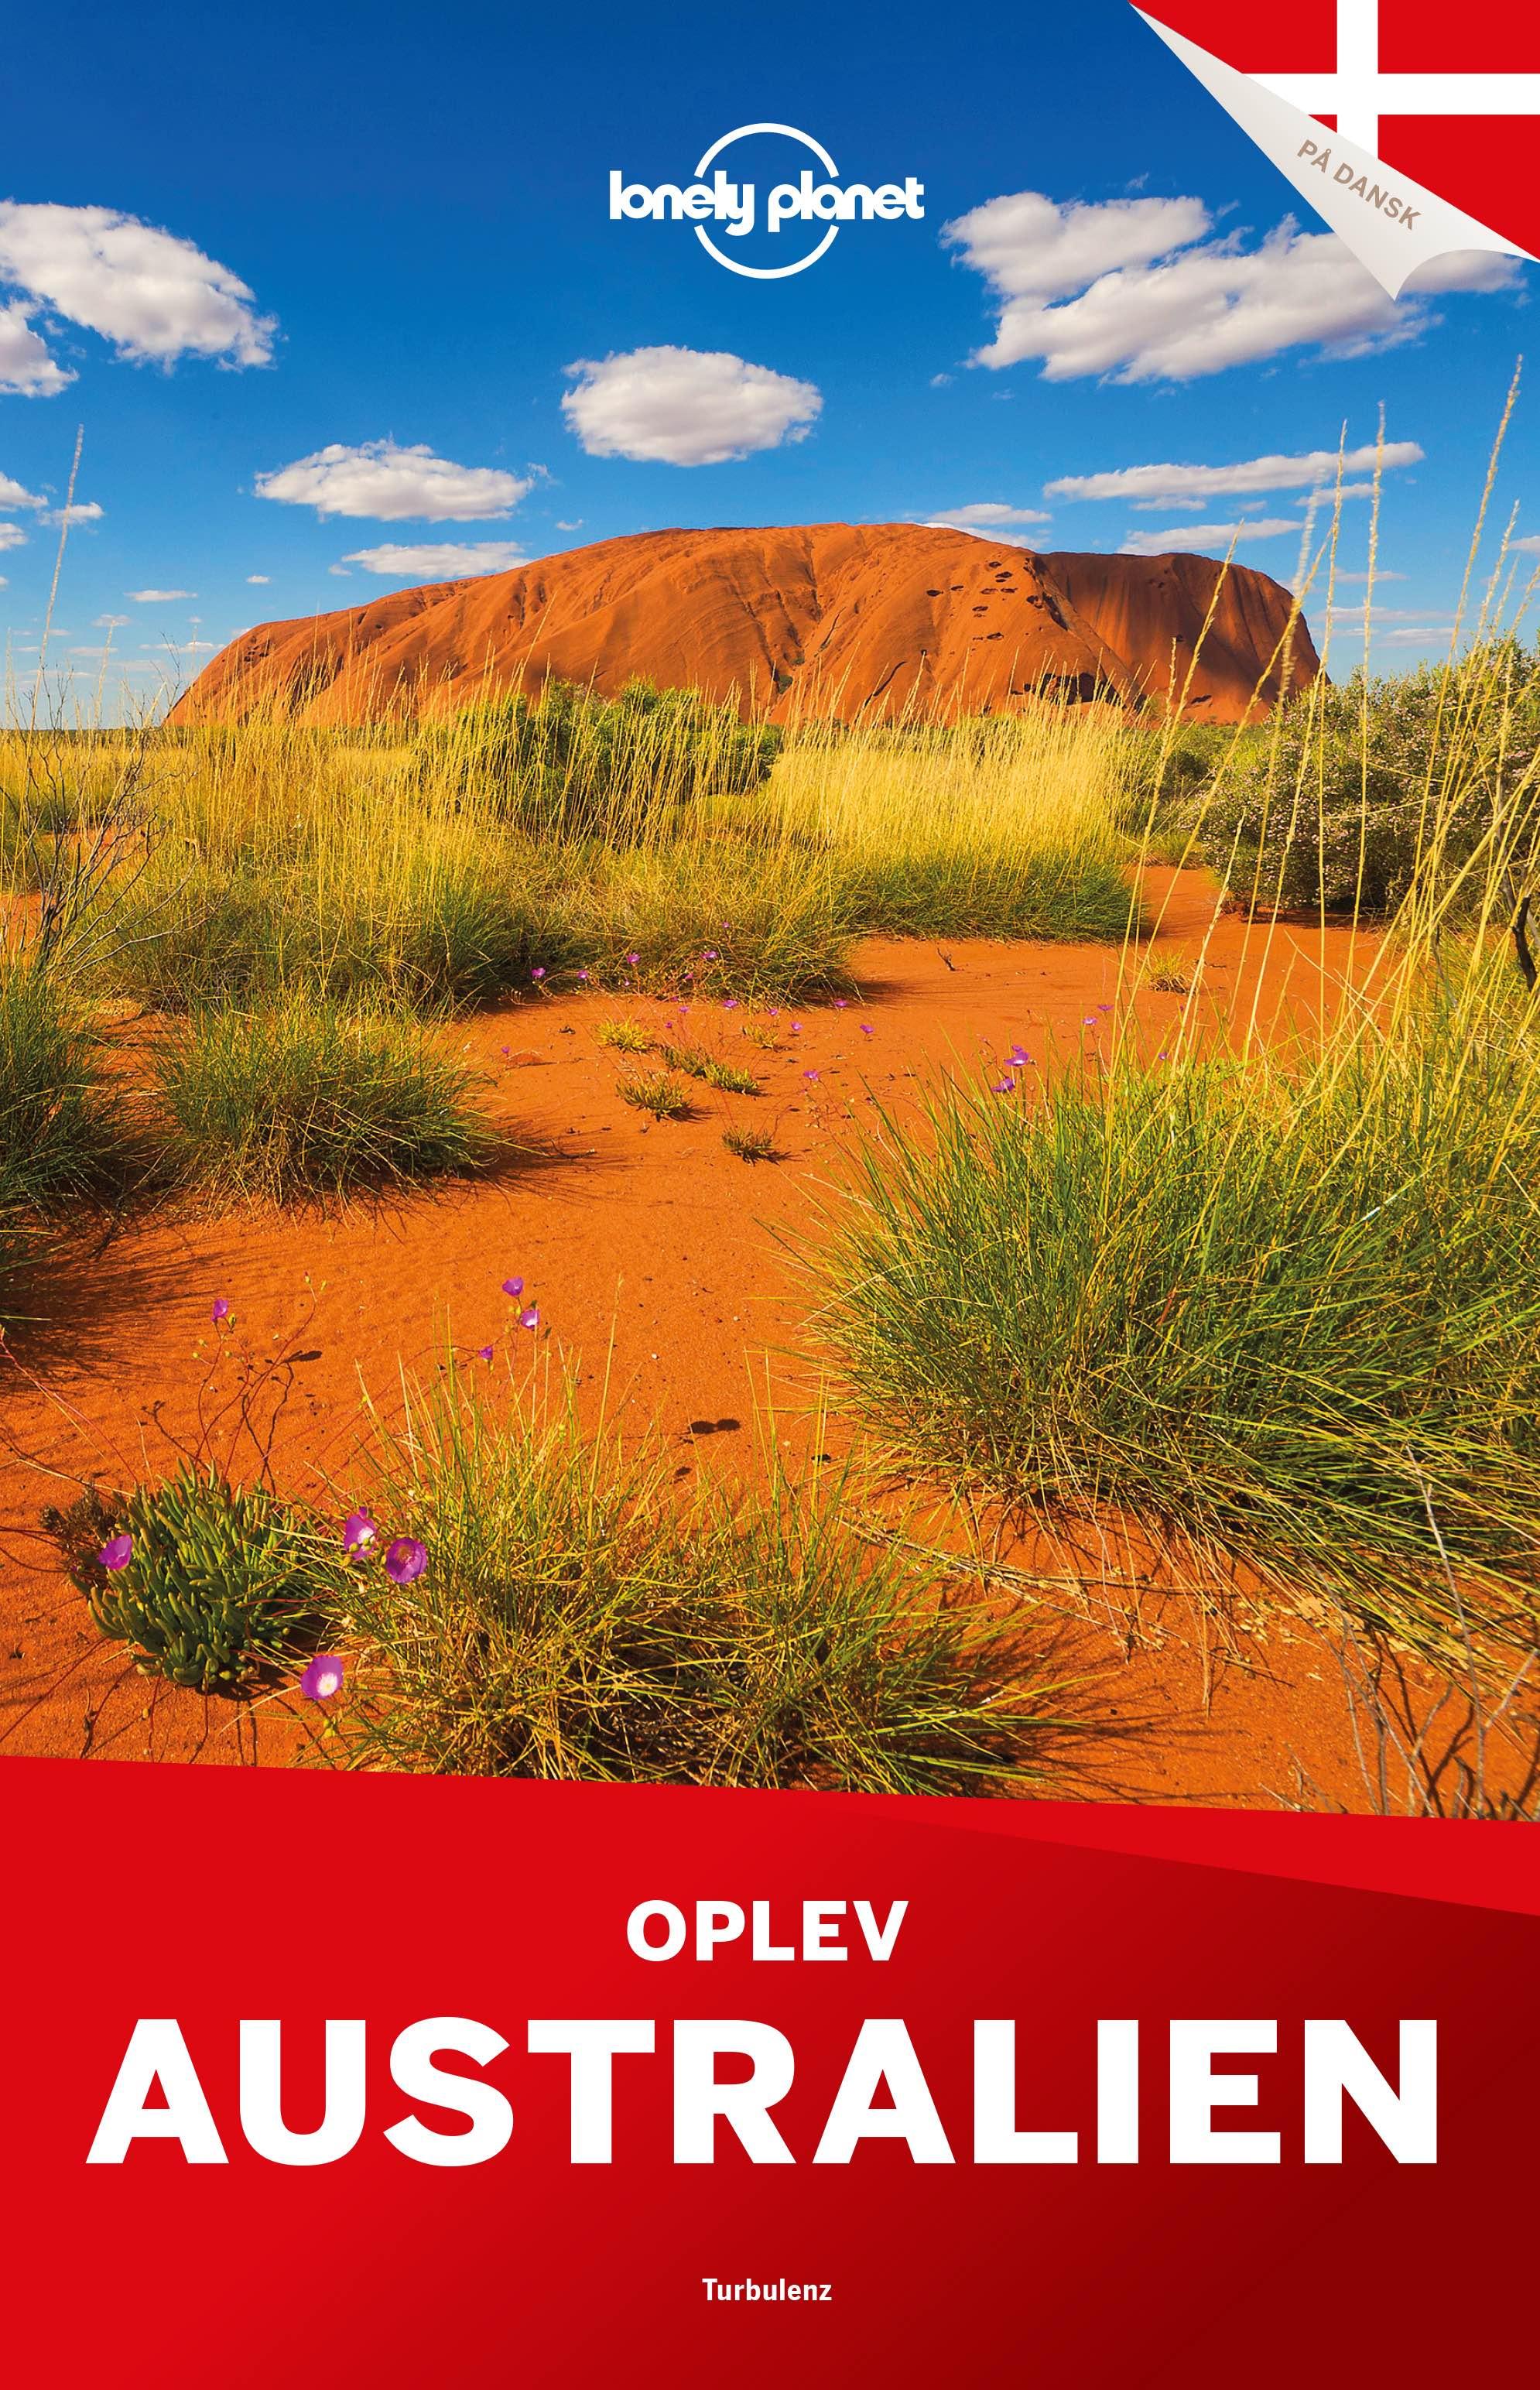 Oplev Australien (Lonely Planet)